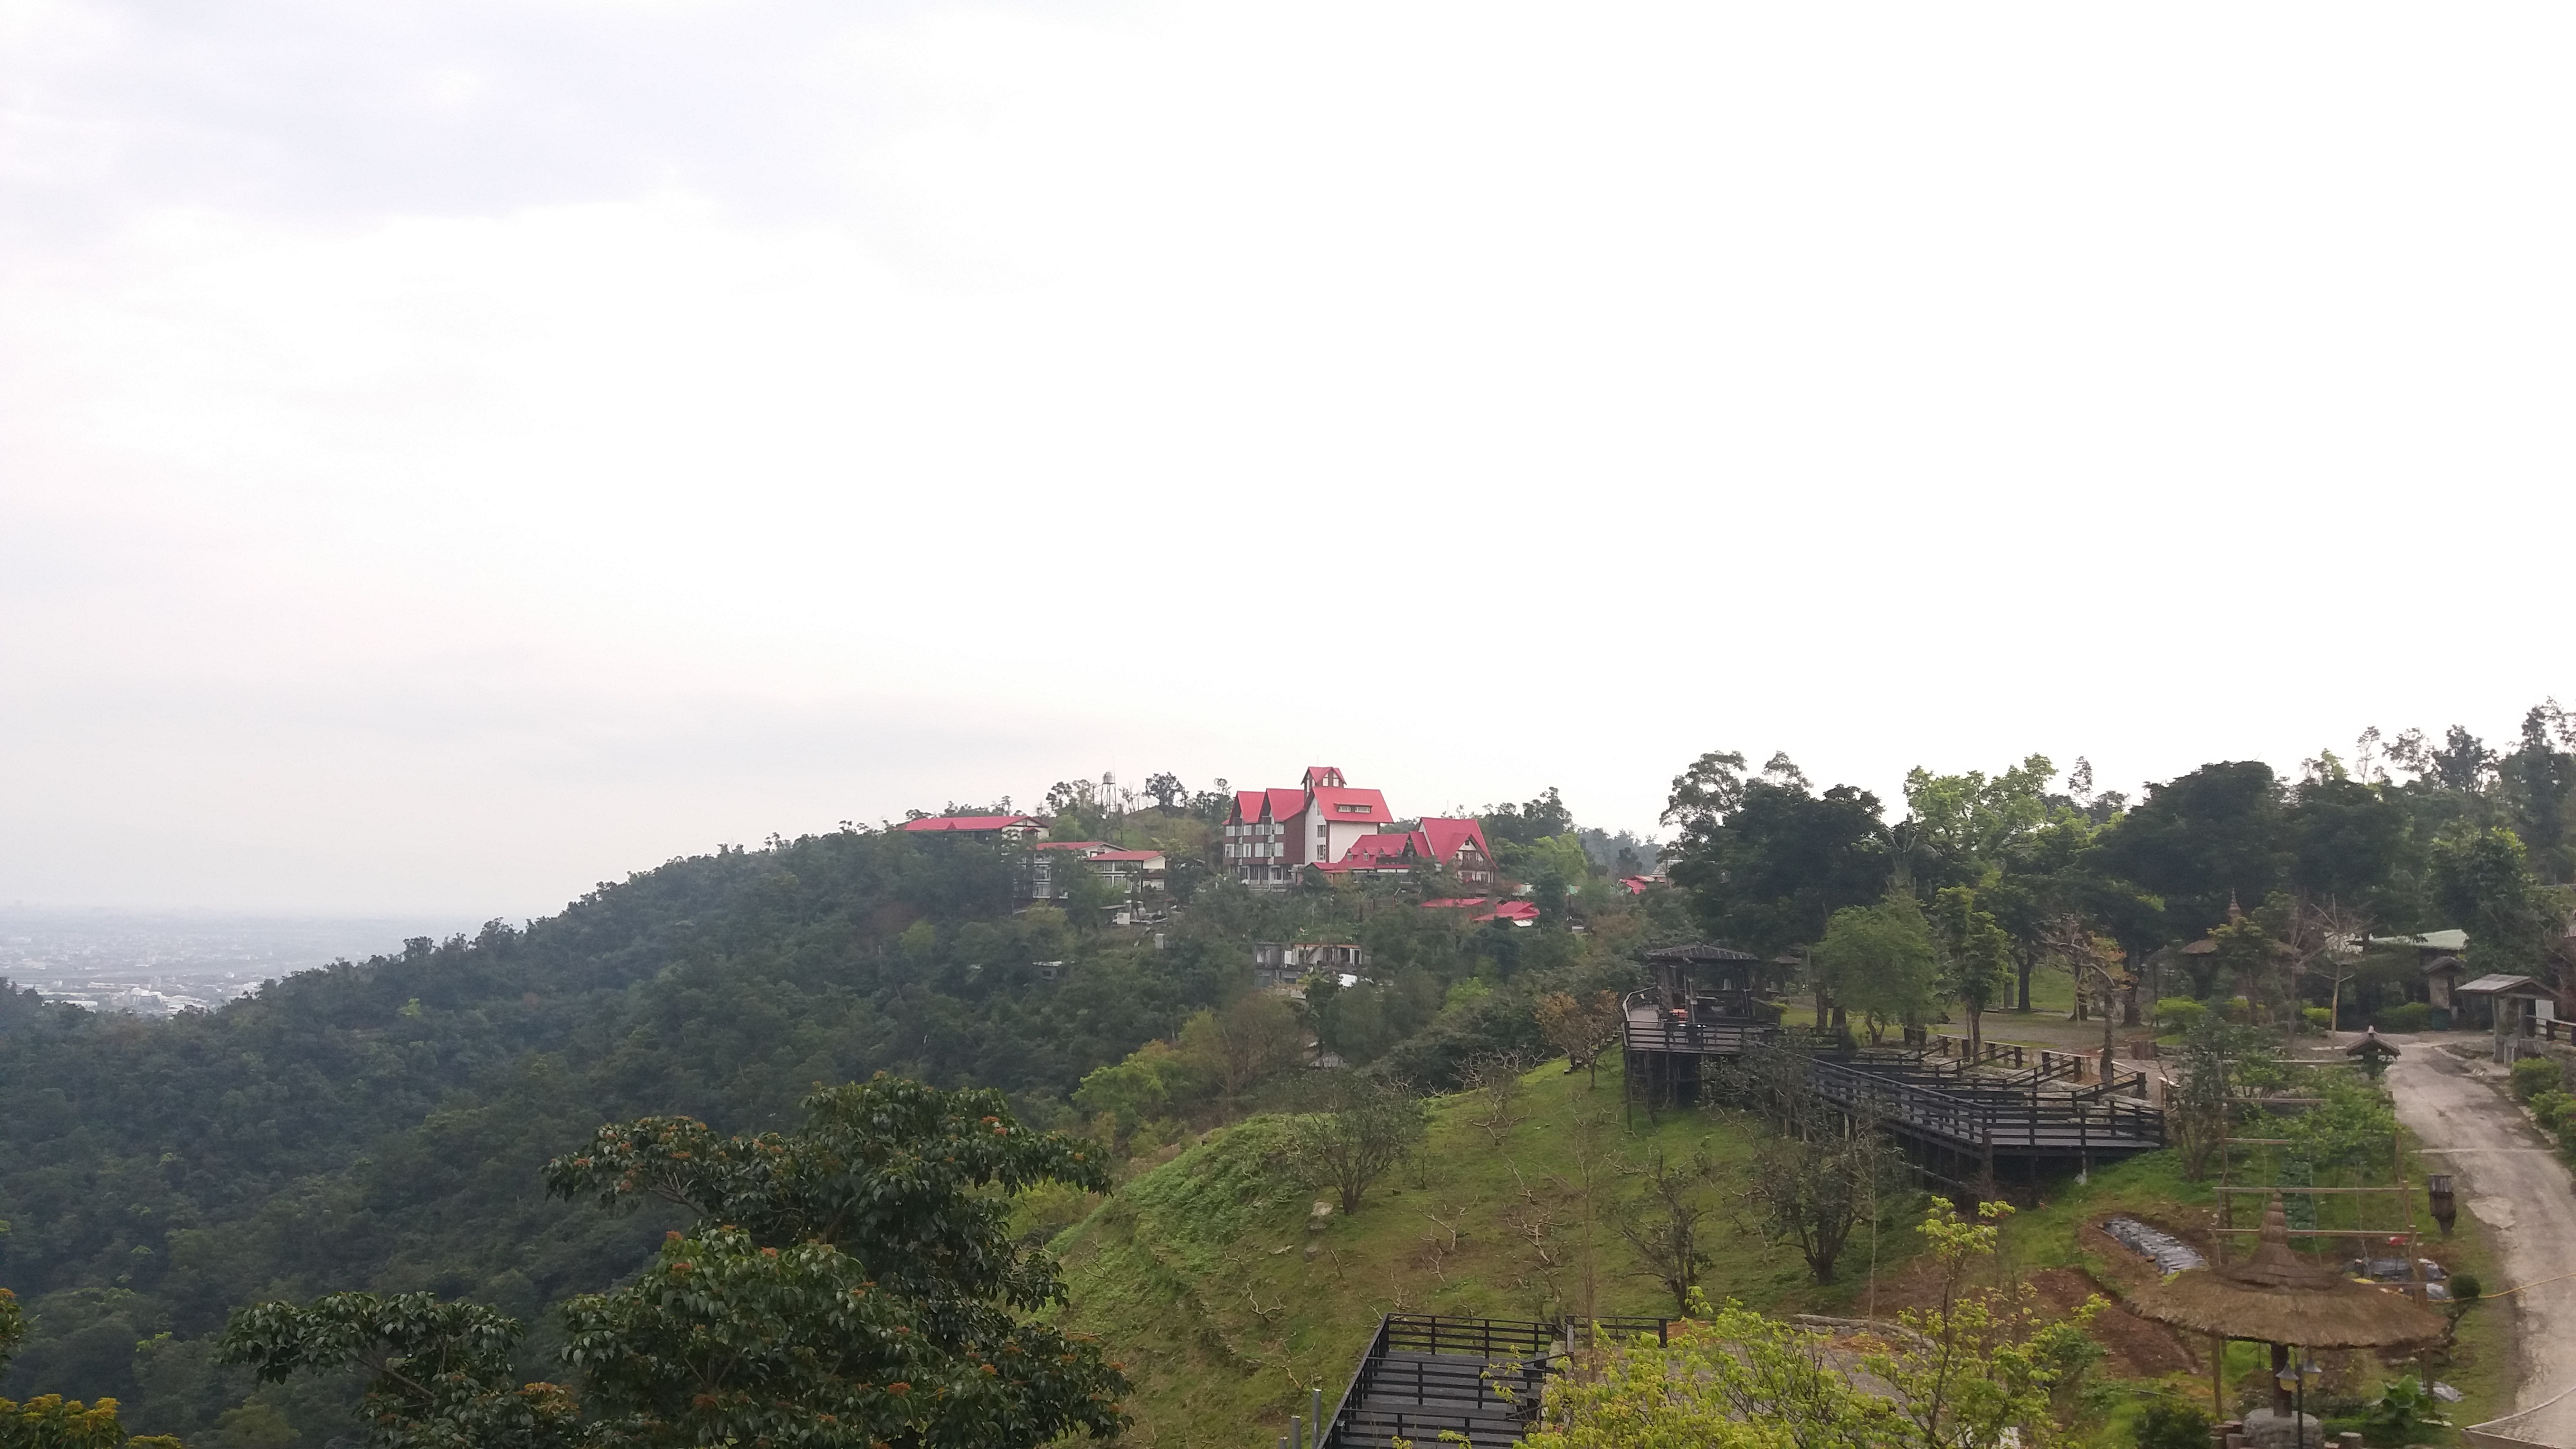 Trải nghiệm du lịch nông nghiệp tại Đài Loan với những cung đường đẹp ngất ngây, đáng giá từng xu - Ảnh 9.